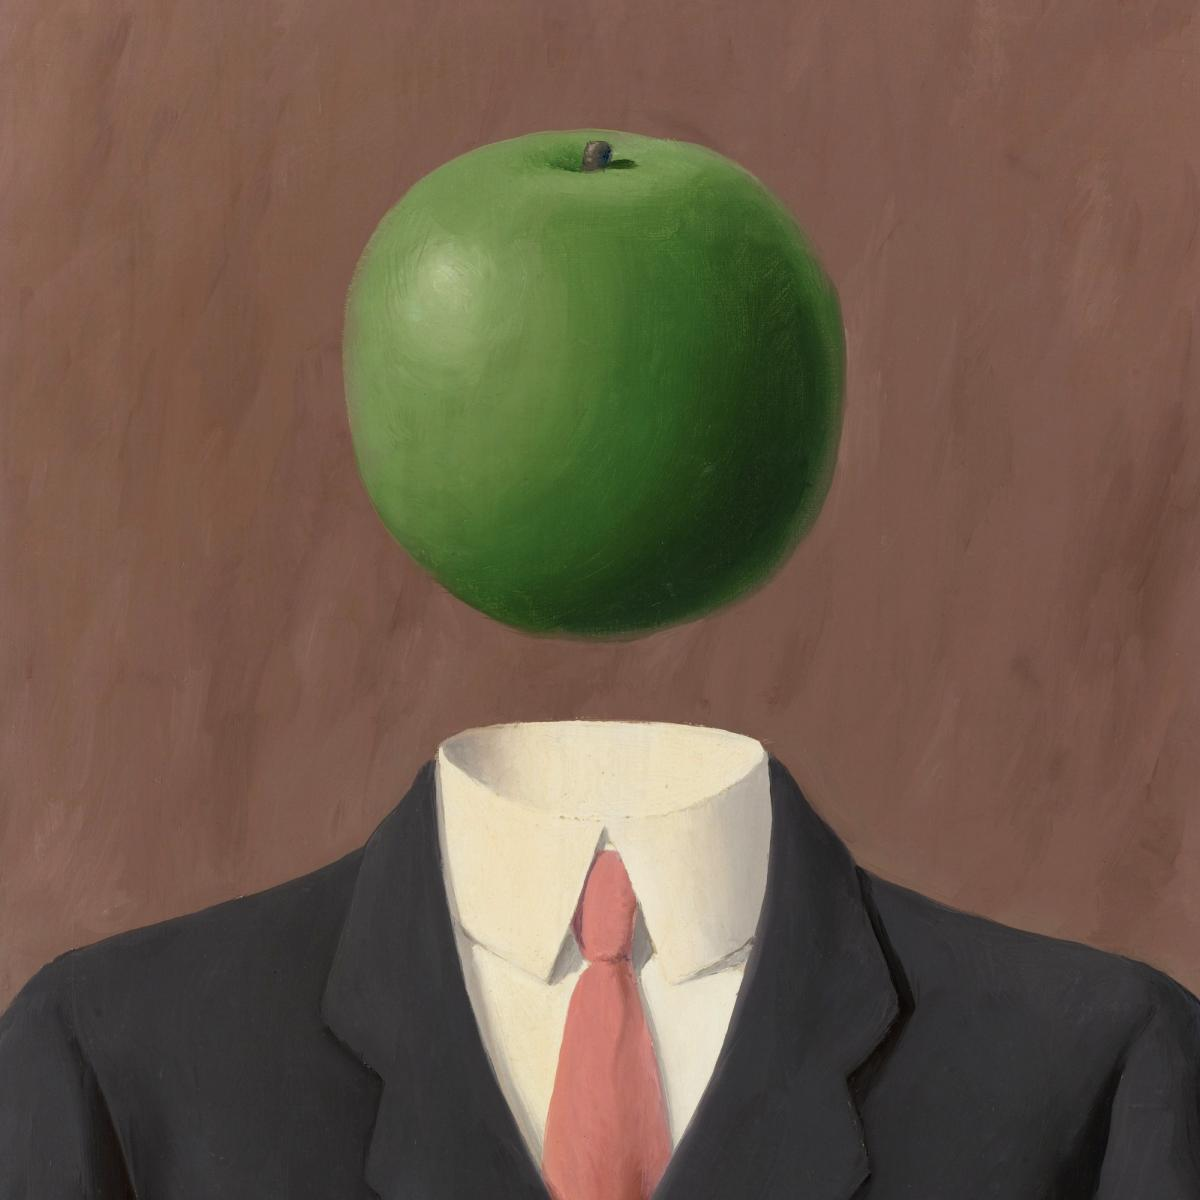 честь яблоко на голове картинки без профессиональной